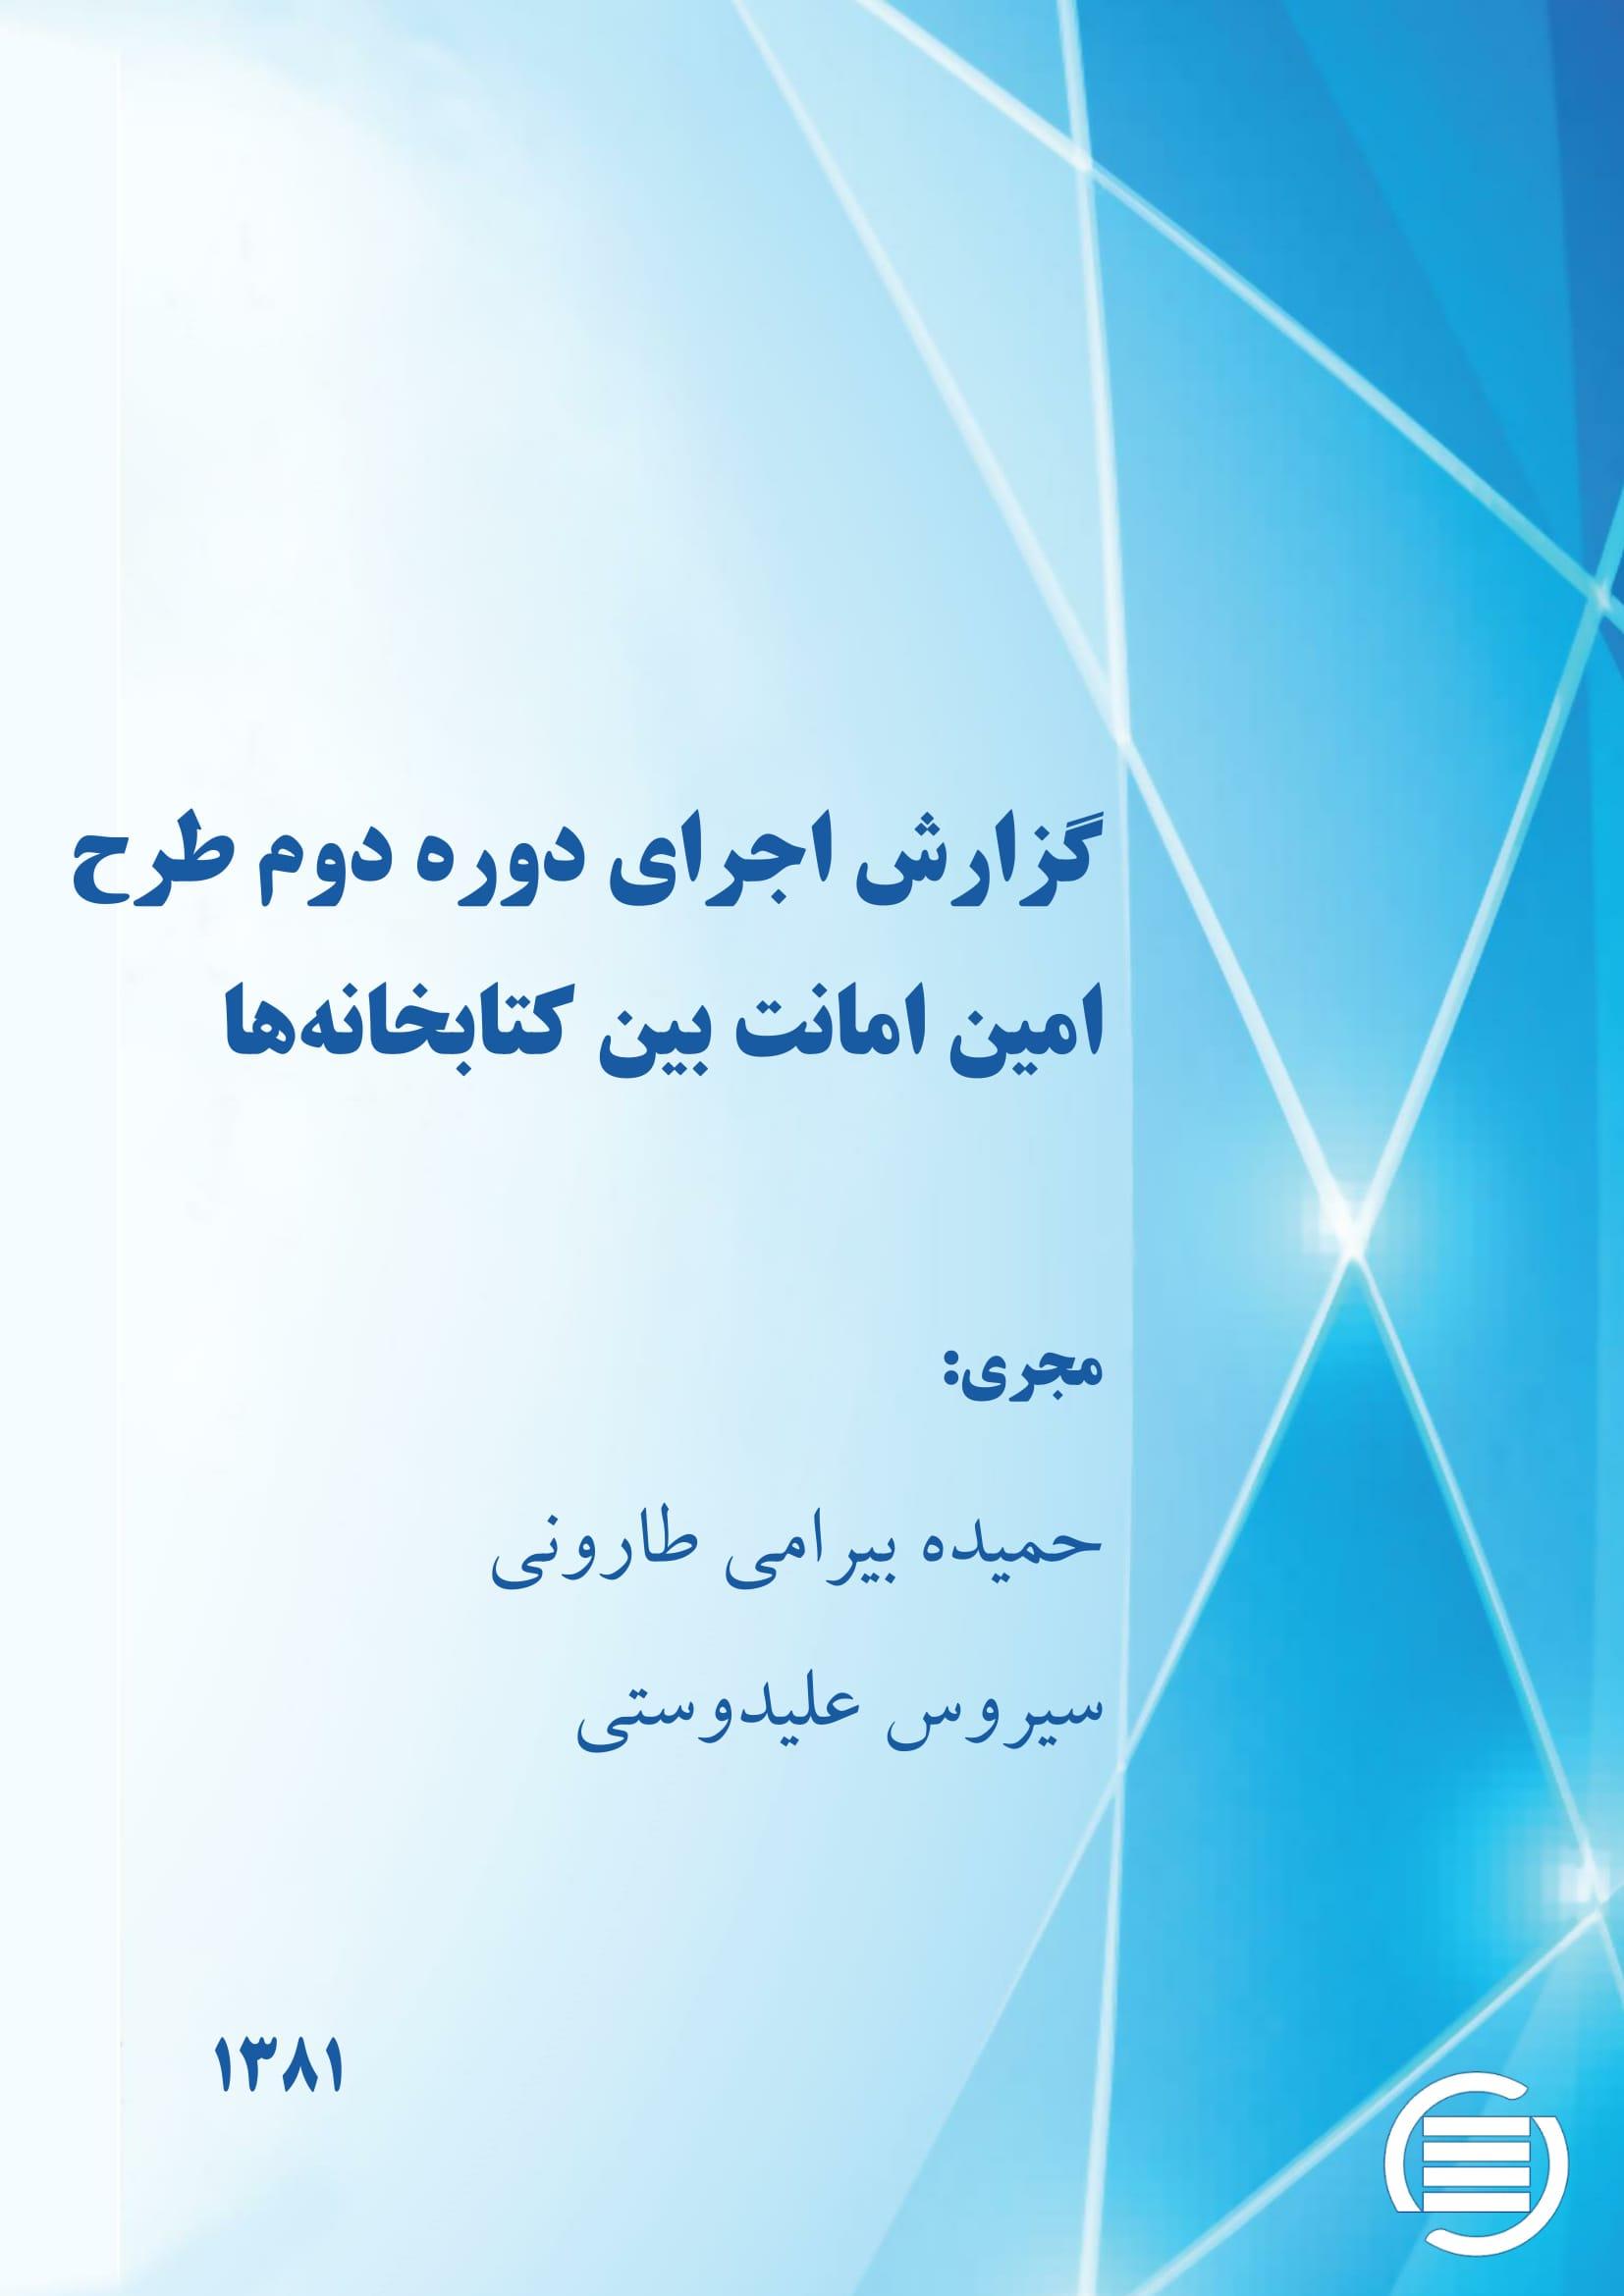 گزارش اجرای دوره دوم طرح امین امانت بین کتابخانهها